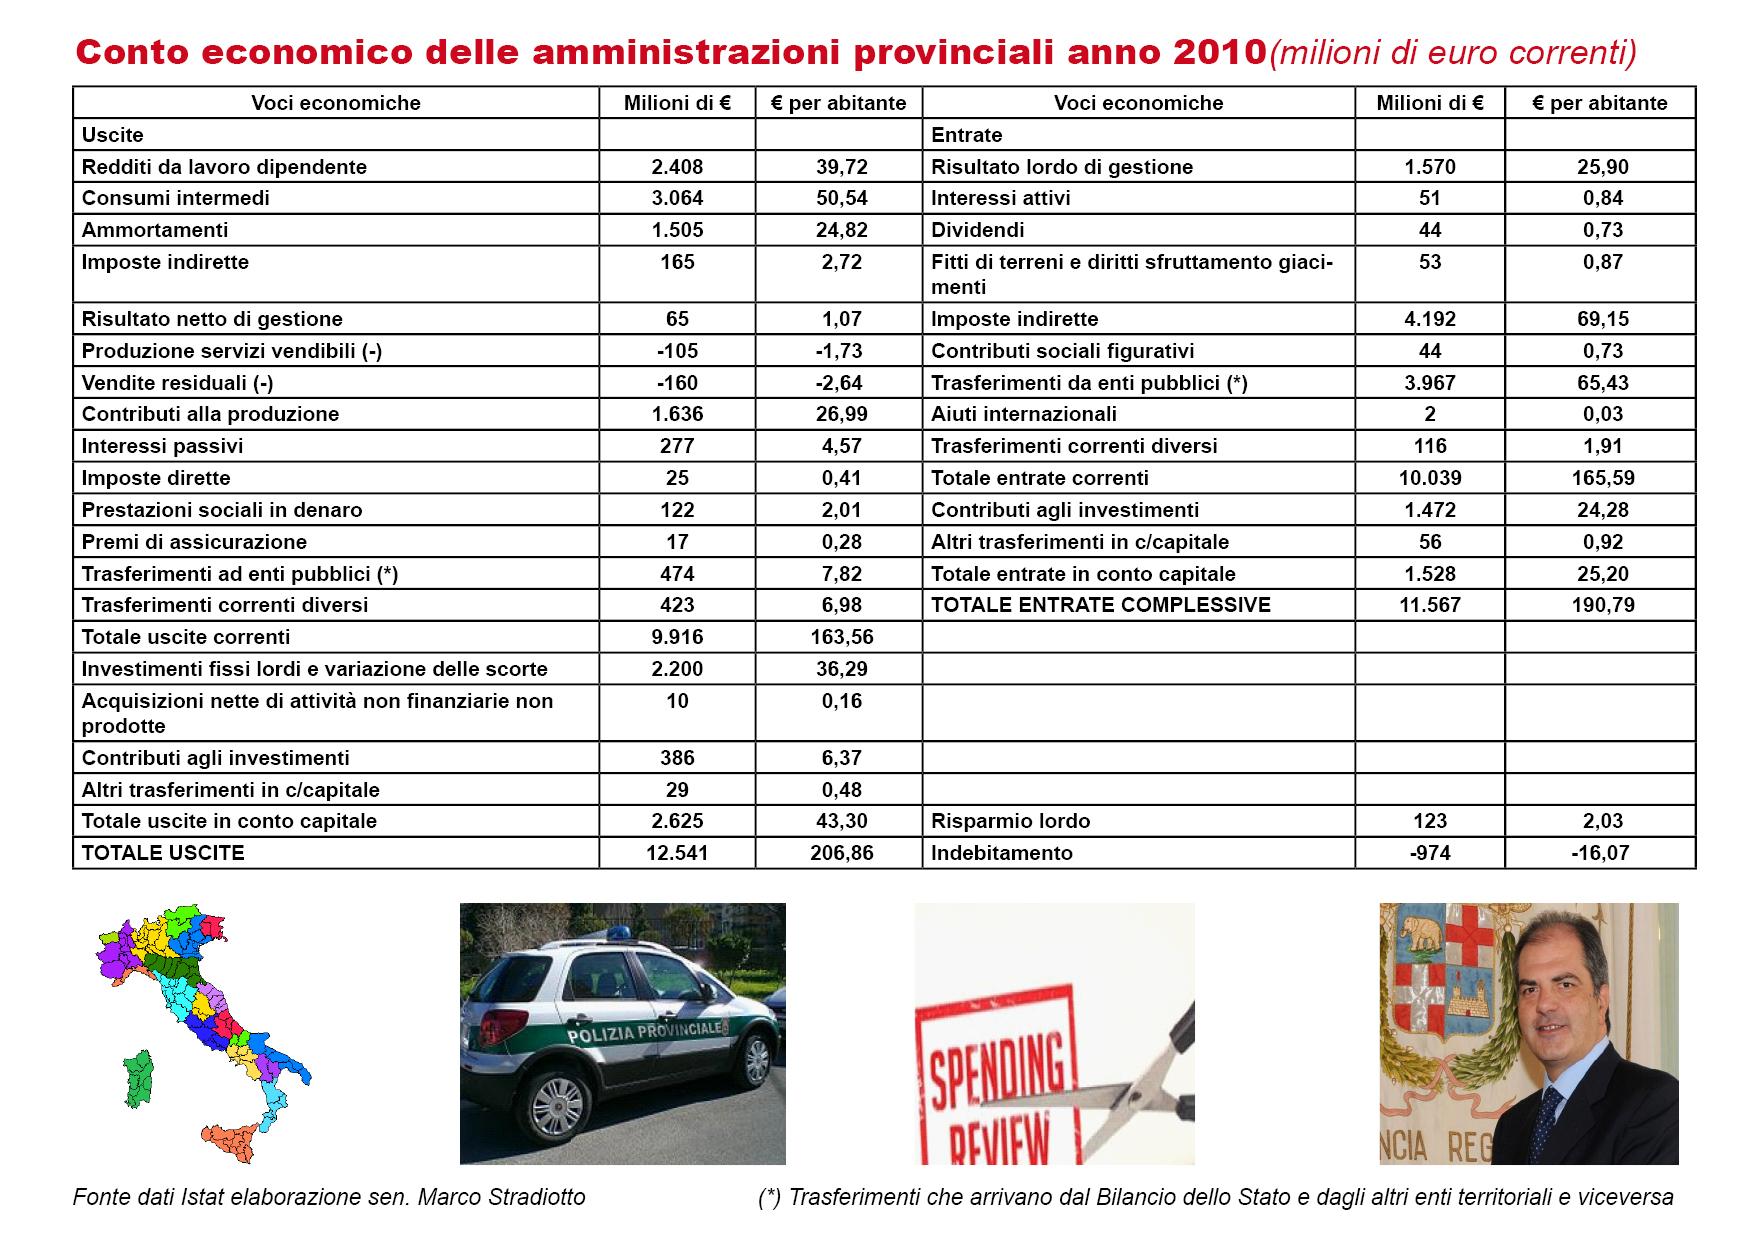 Quali sono state le entrate e le spese delle Province nel 2010?